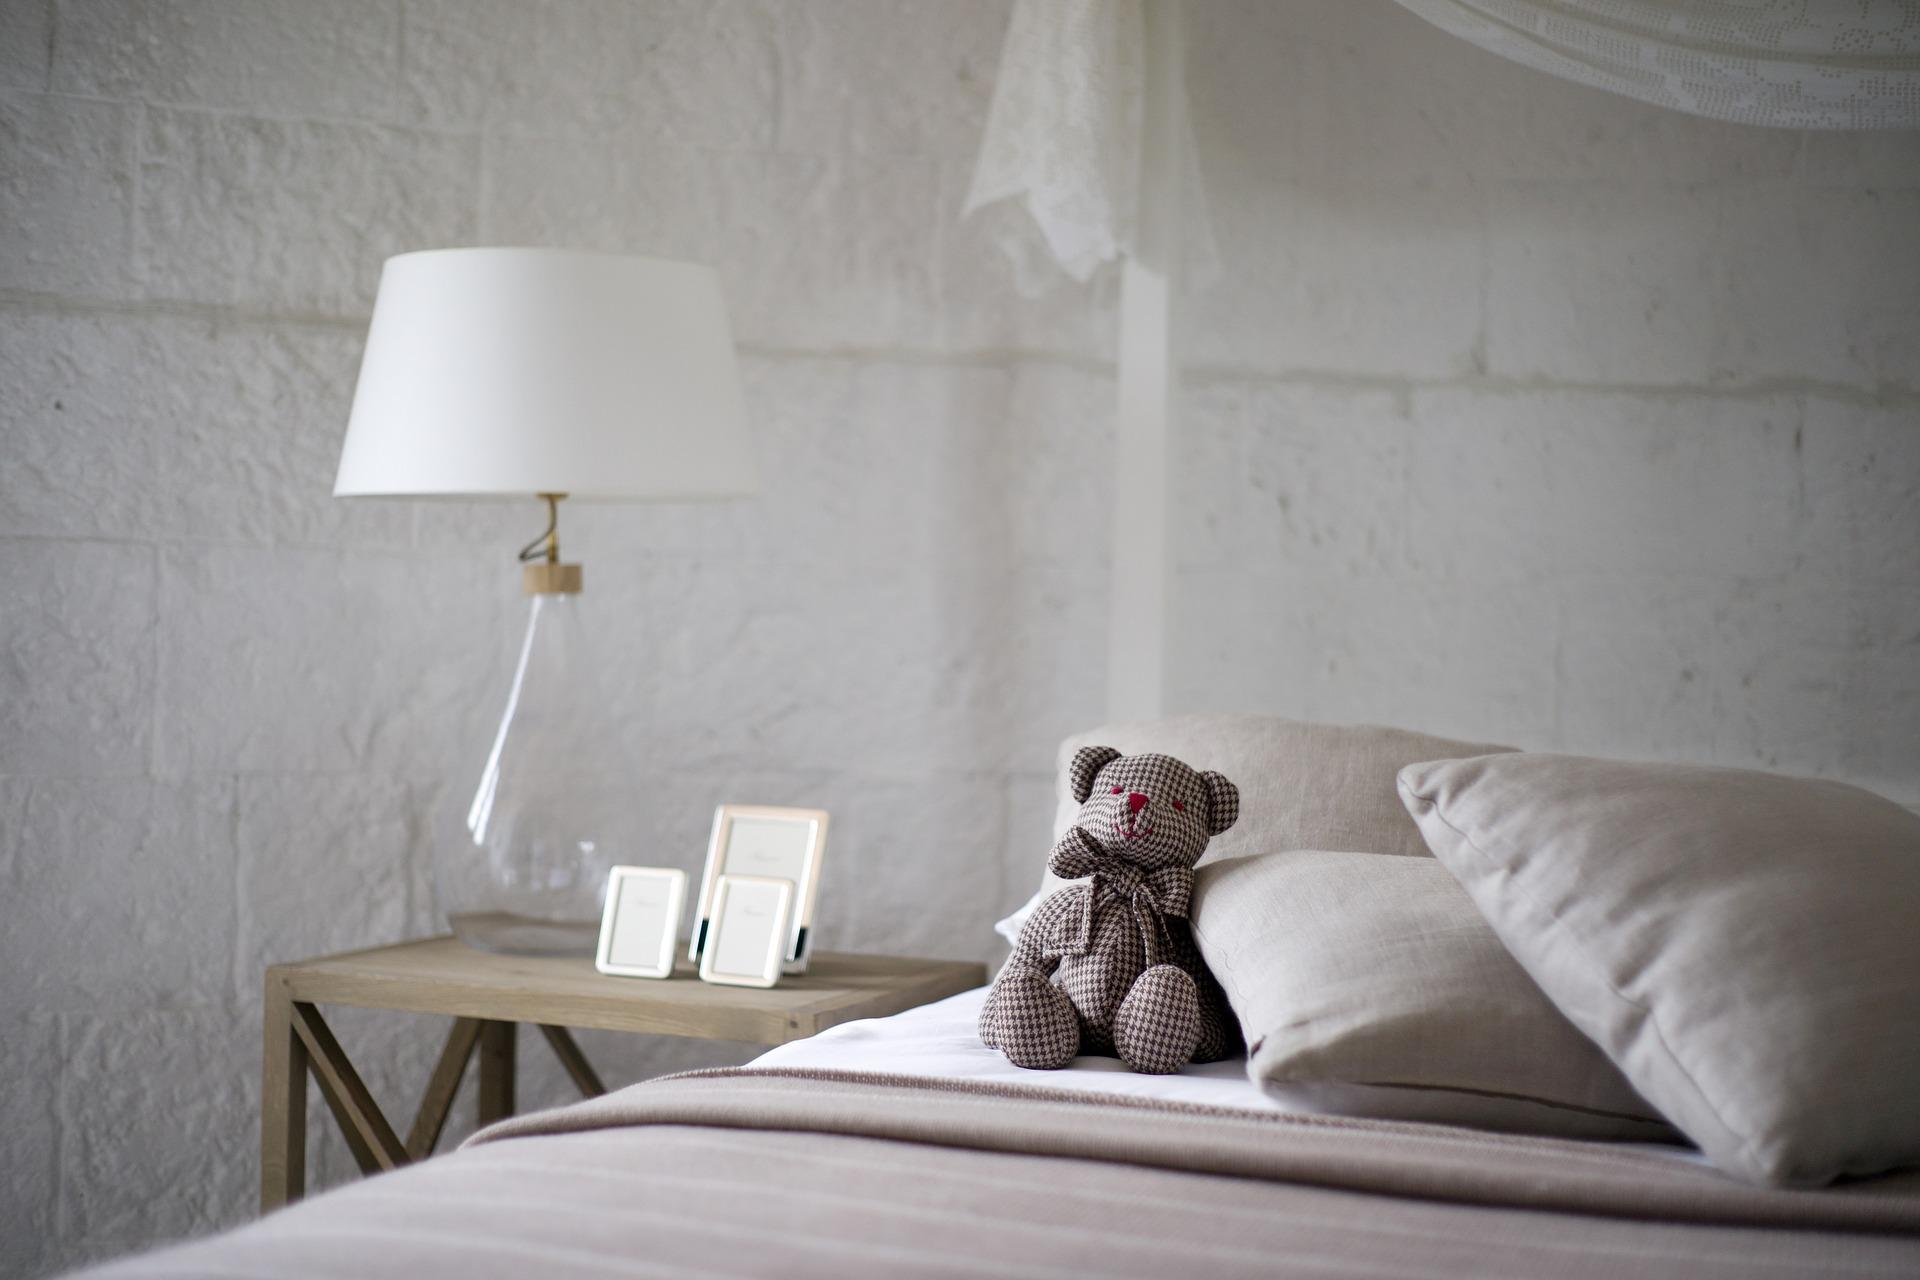 Schlafzimmer Fur Studenten Einrichten Gestalten Betten At Informiert